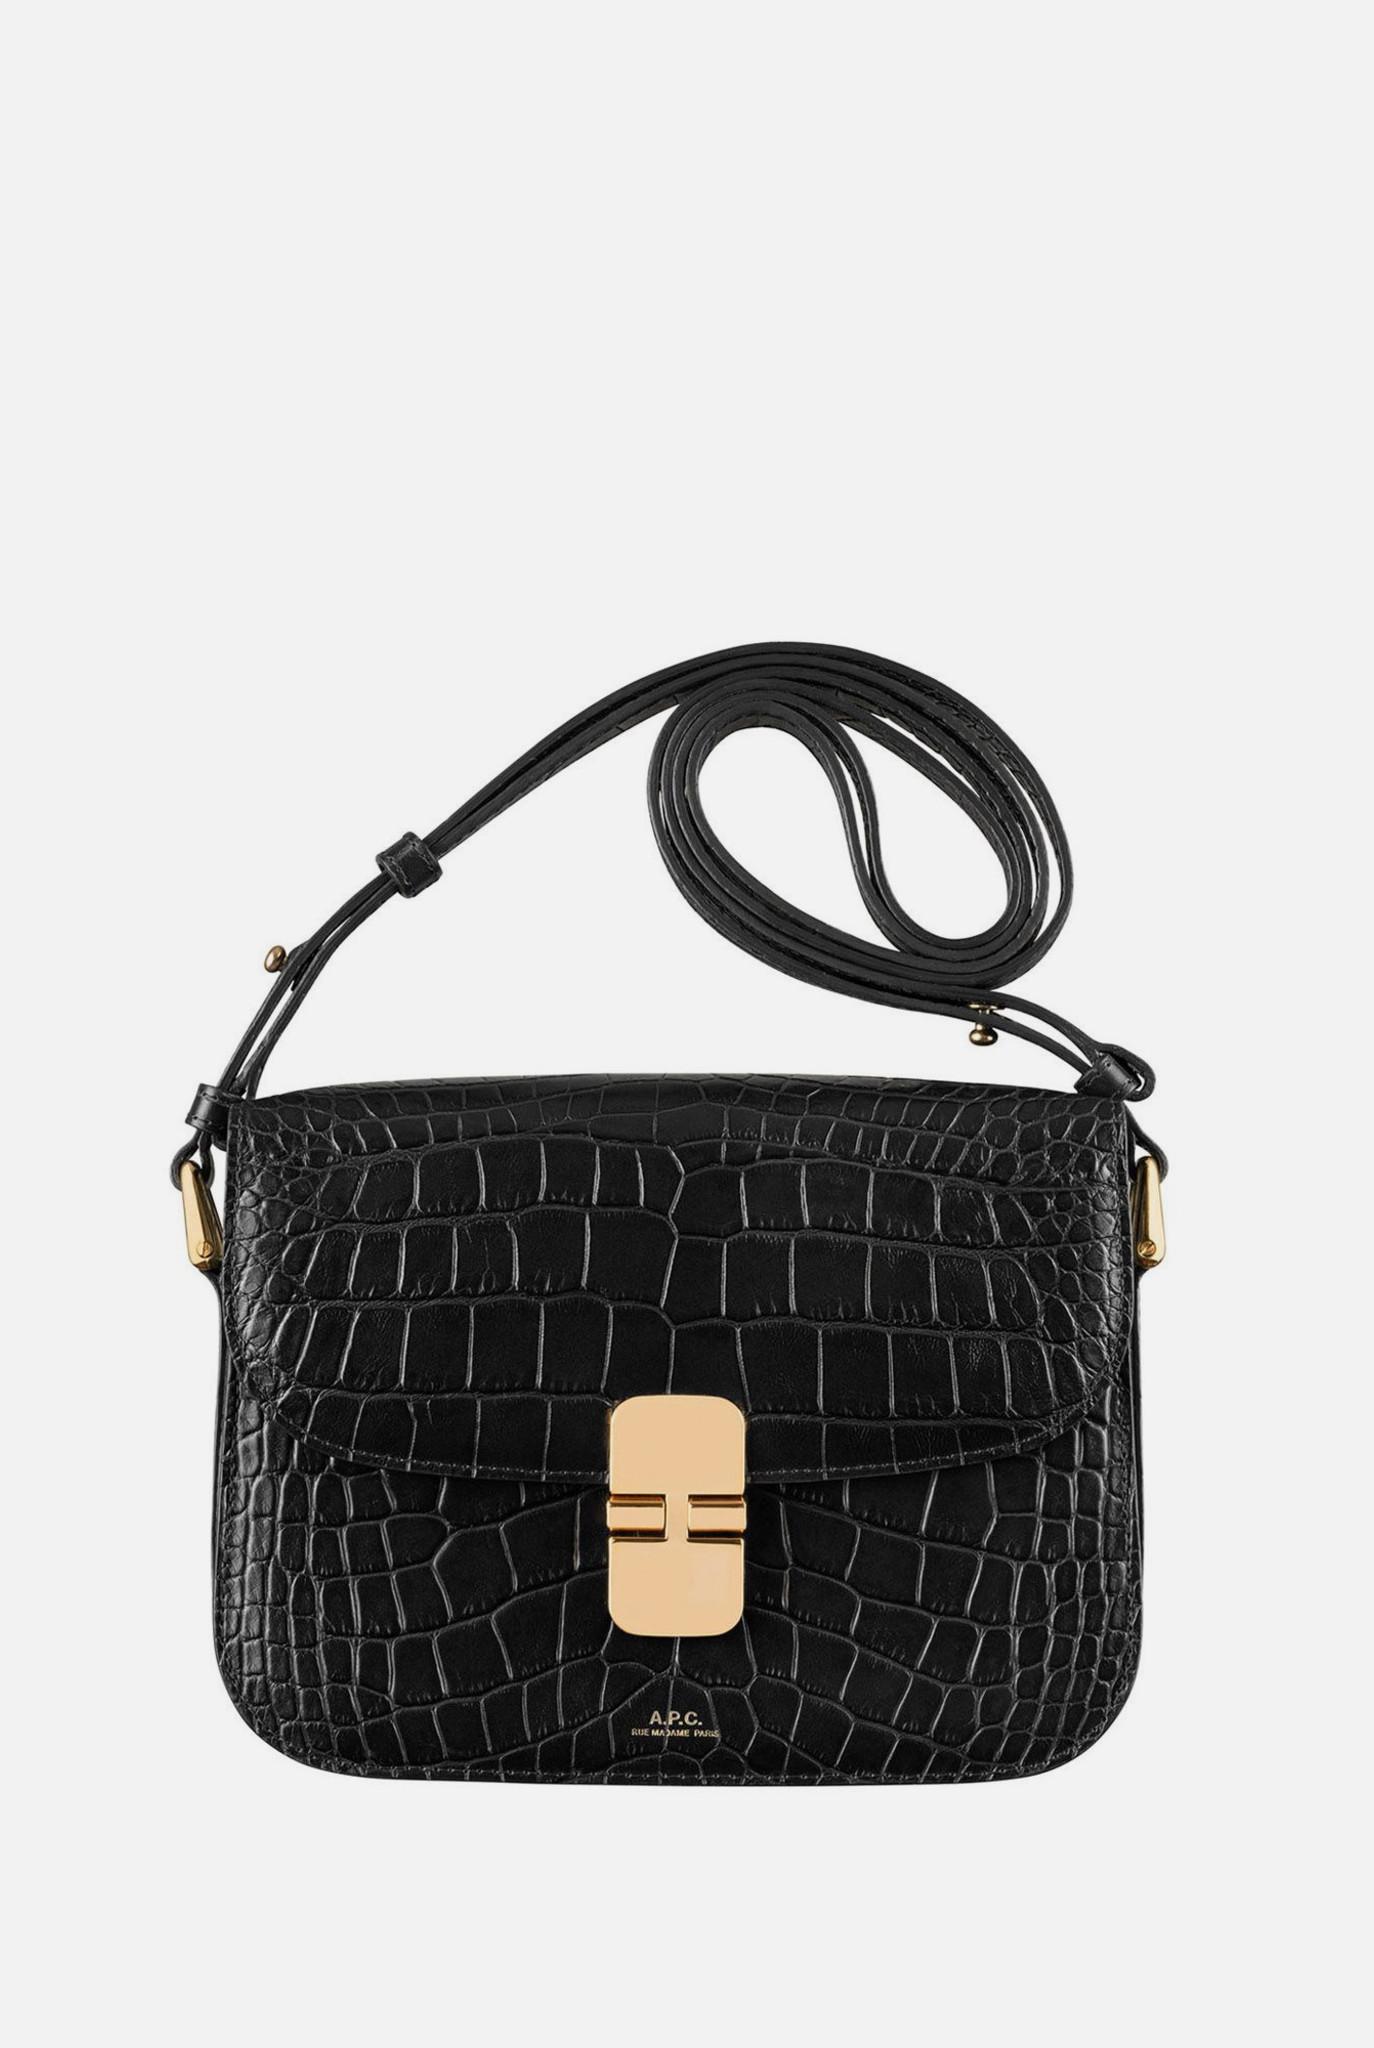 Grace Bag Small Black Croco